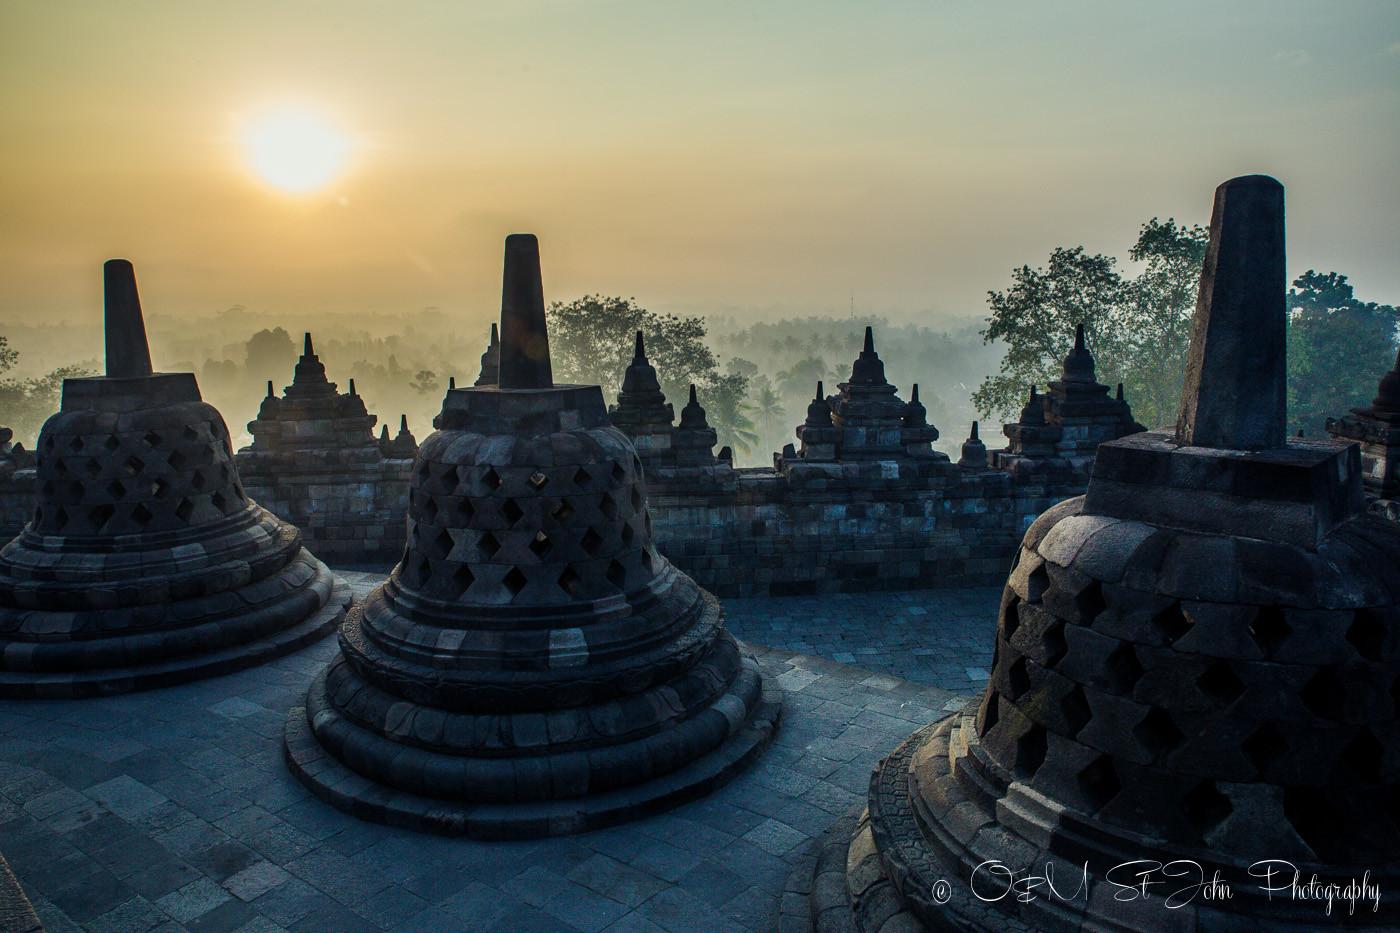 Yogyakarta Borobudur tour at sunrise